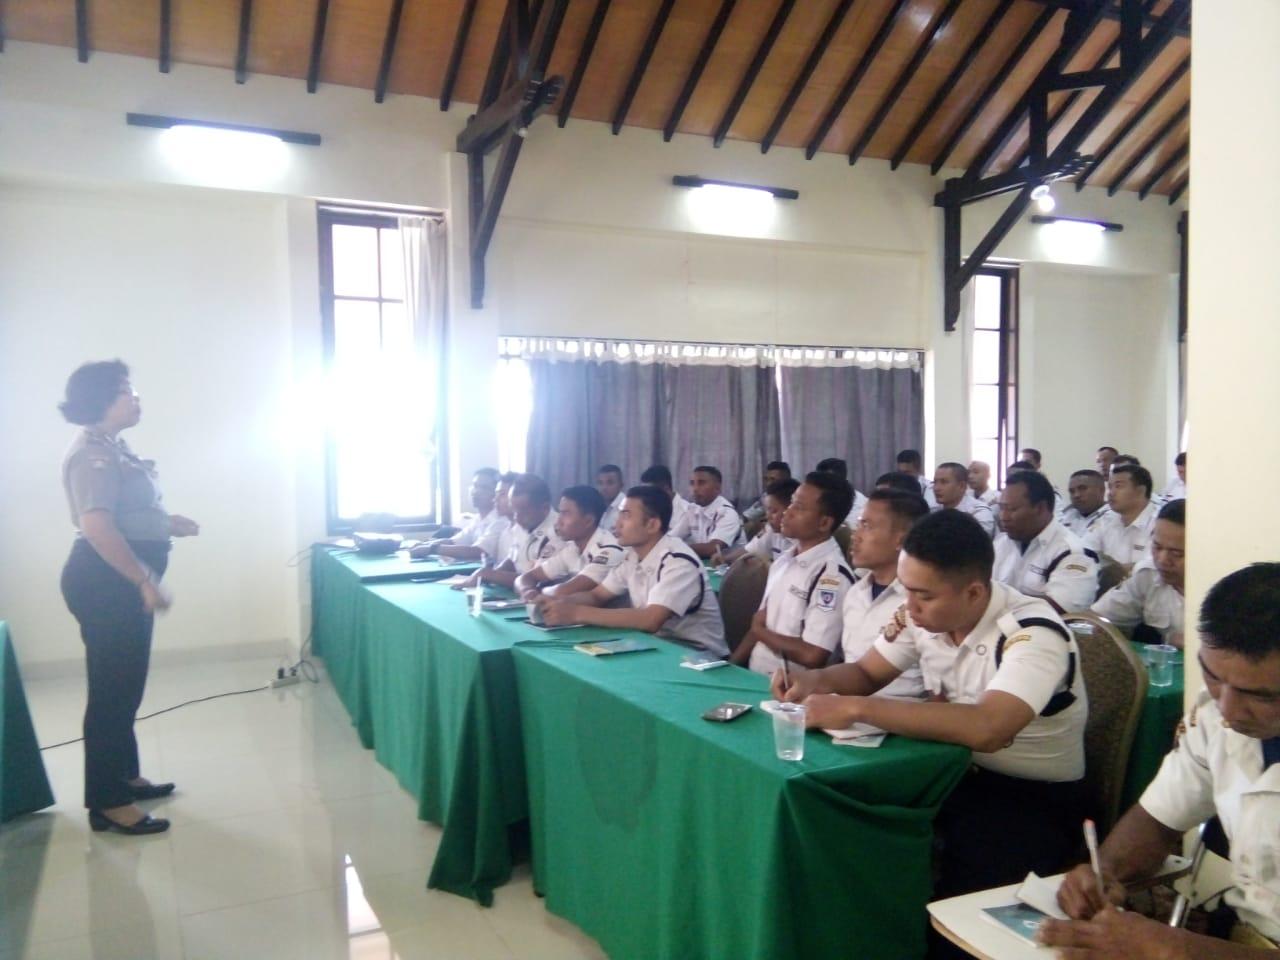 Dokumentasi Materi Etika Profesi oleh Ibu Ayu Suastini Binmas Polda Bali